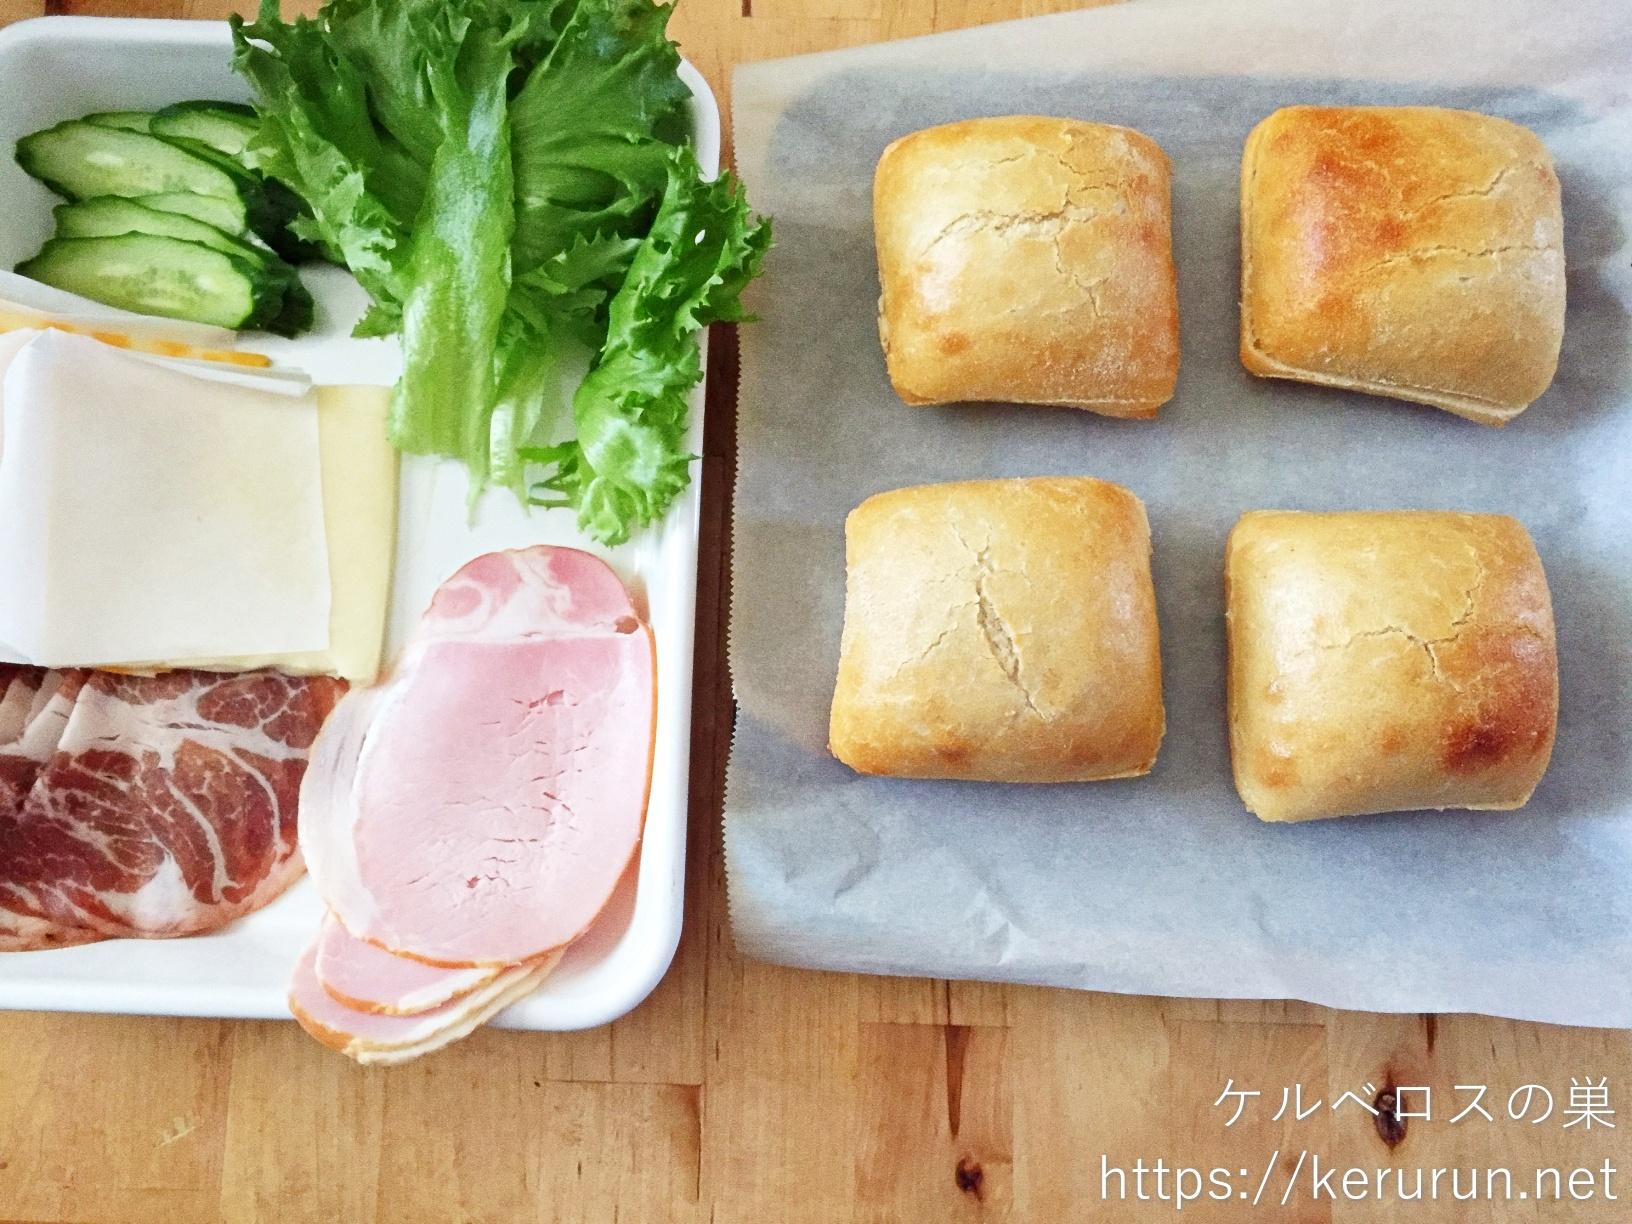 メニセーズのチャバタロールでサンドイッチの朝ごはん